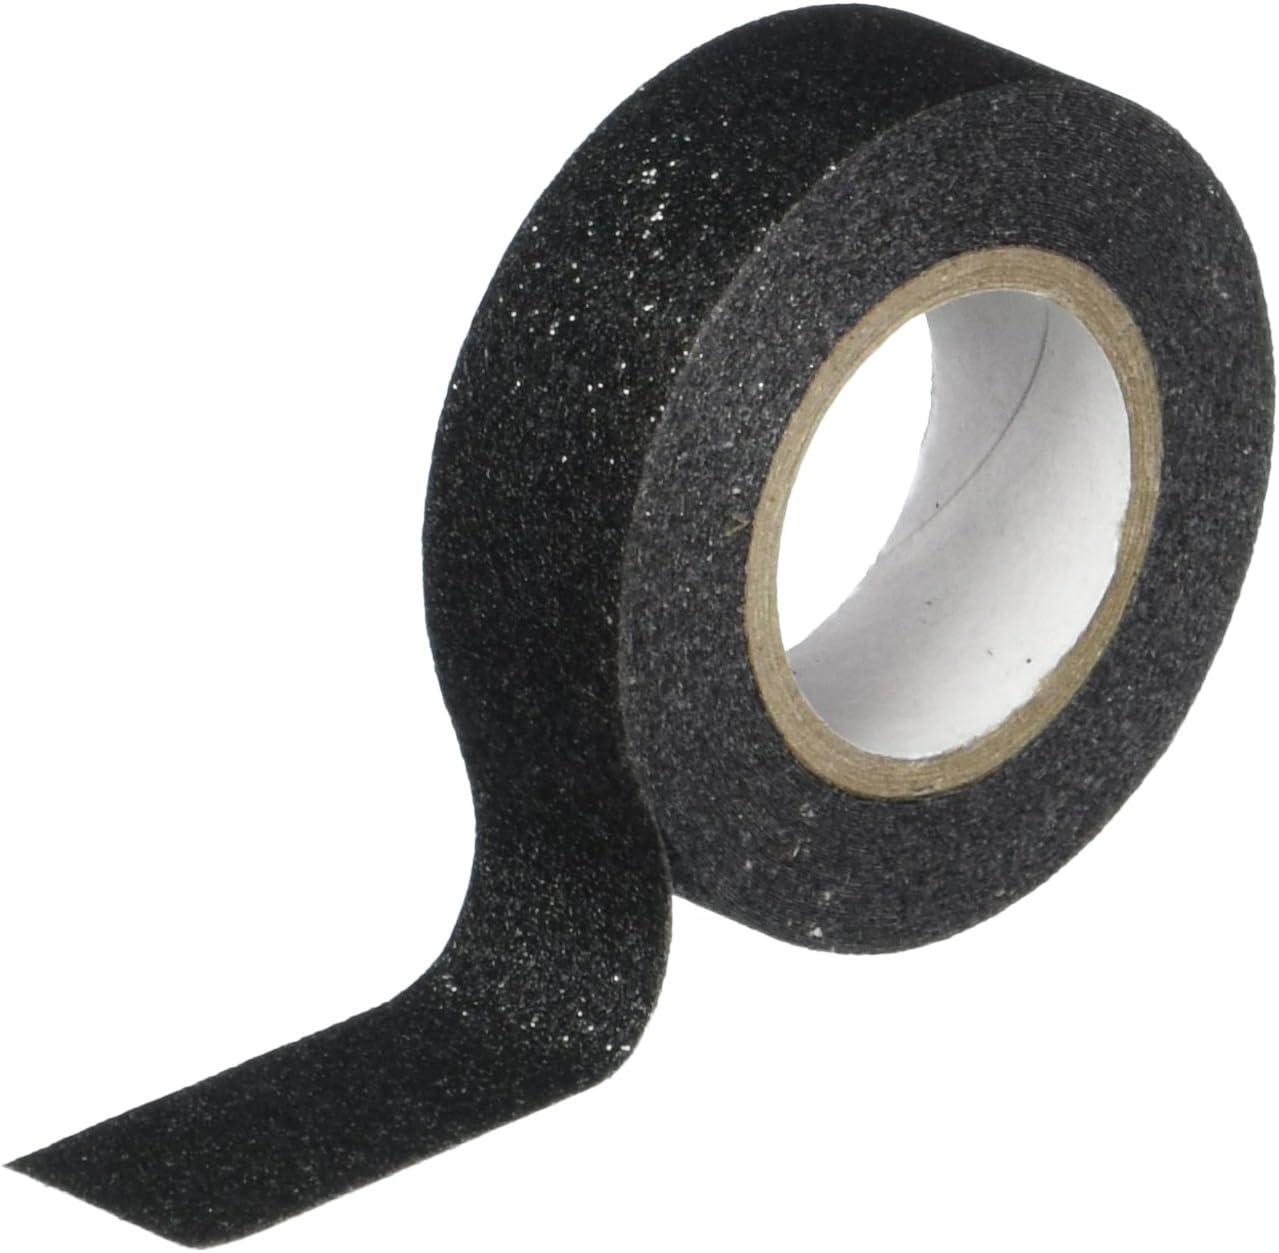 Cinta Adhesiva Glitter negra 15mm - 5m